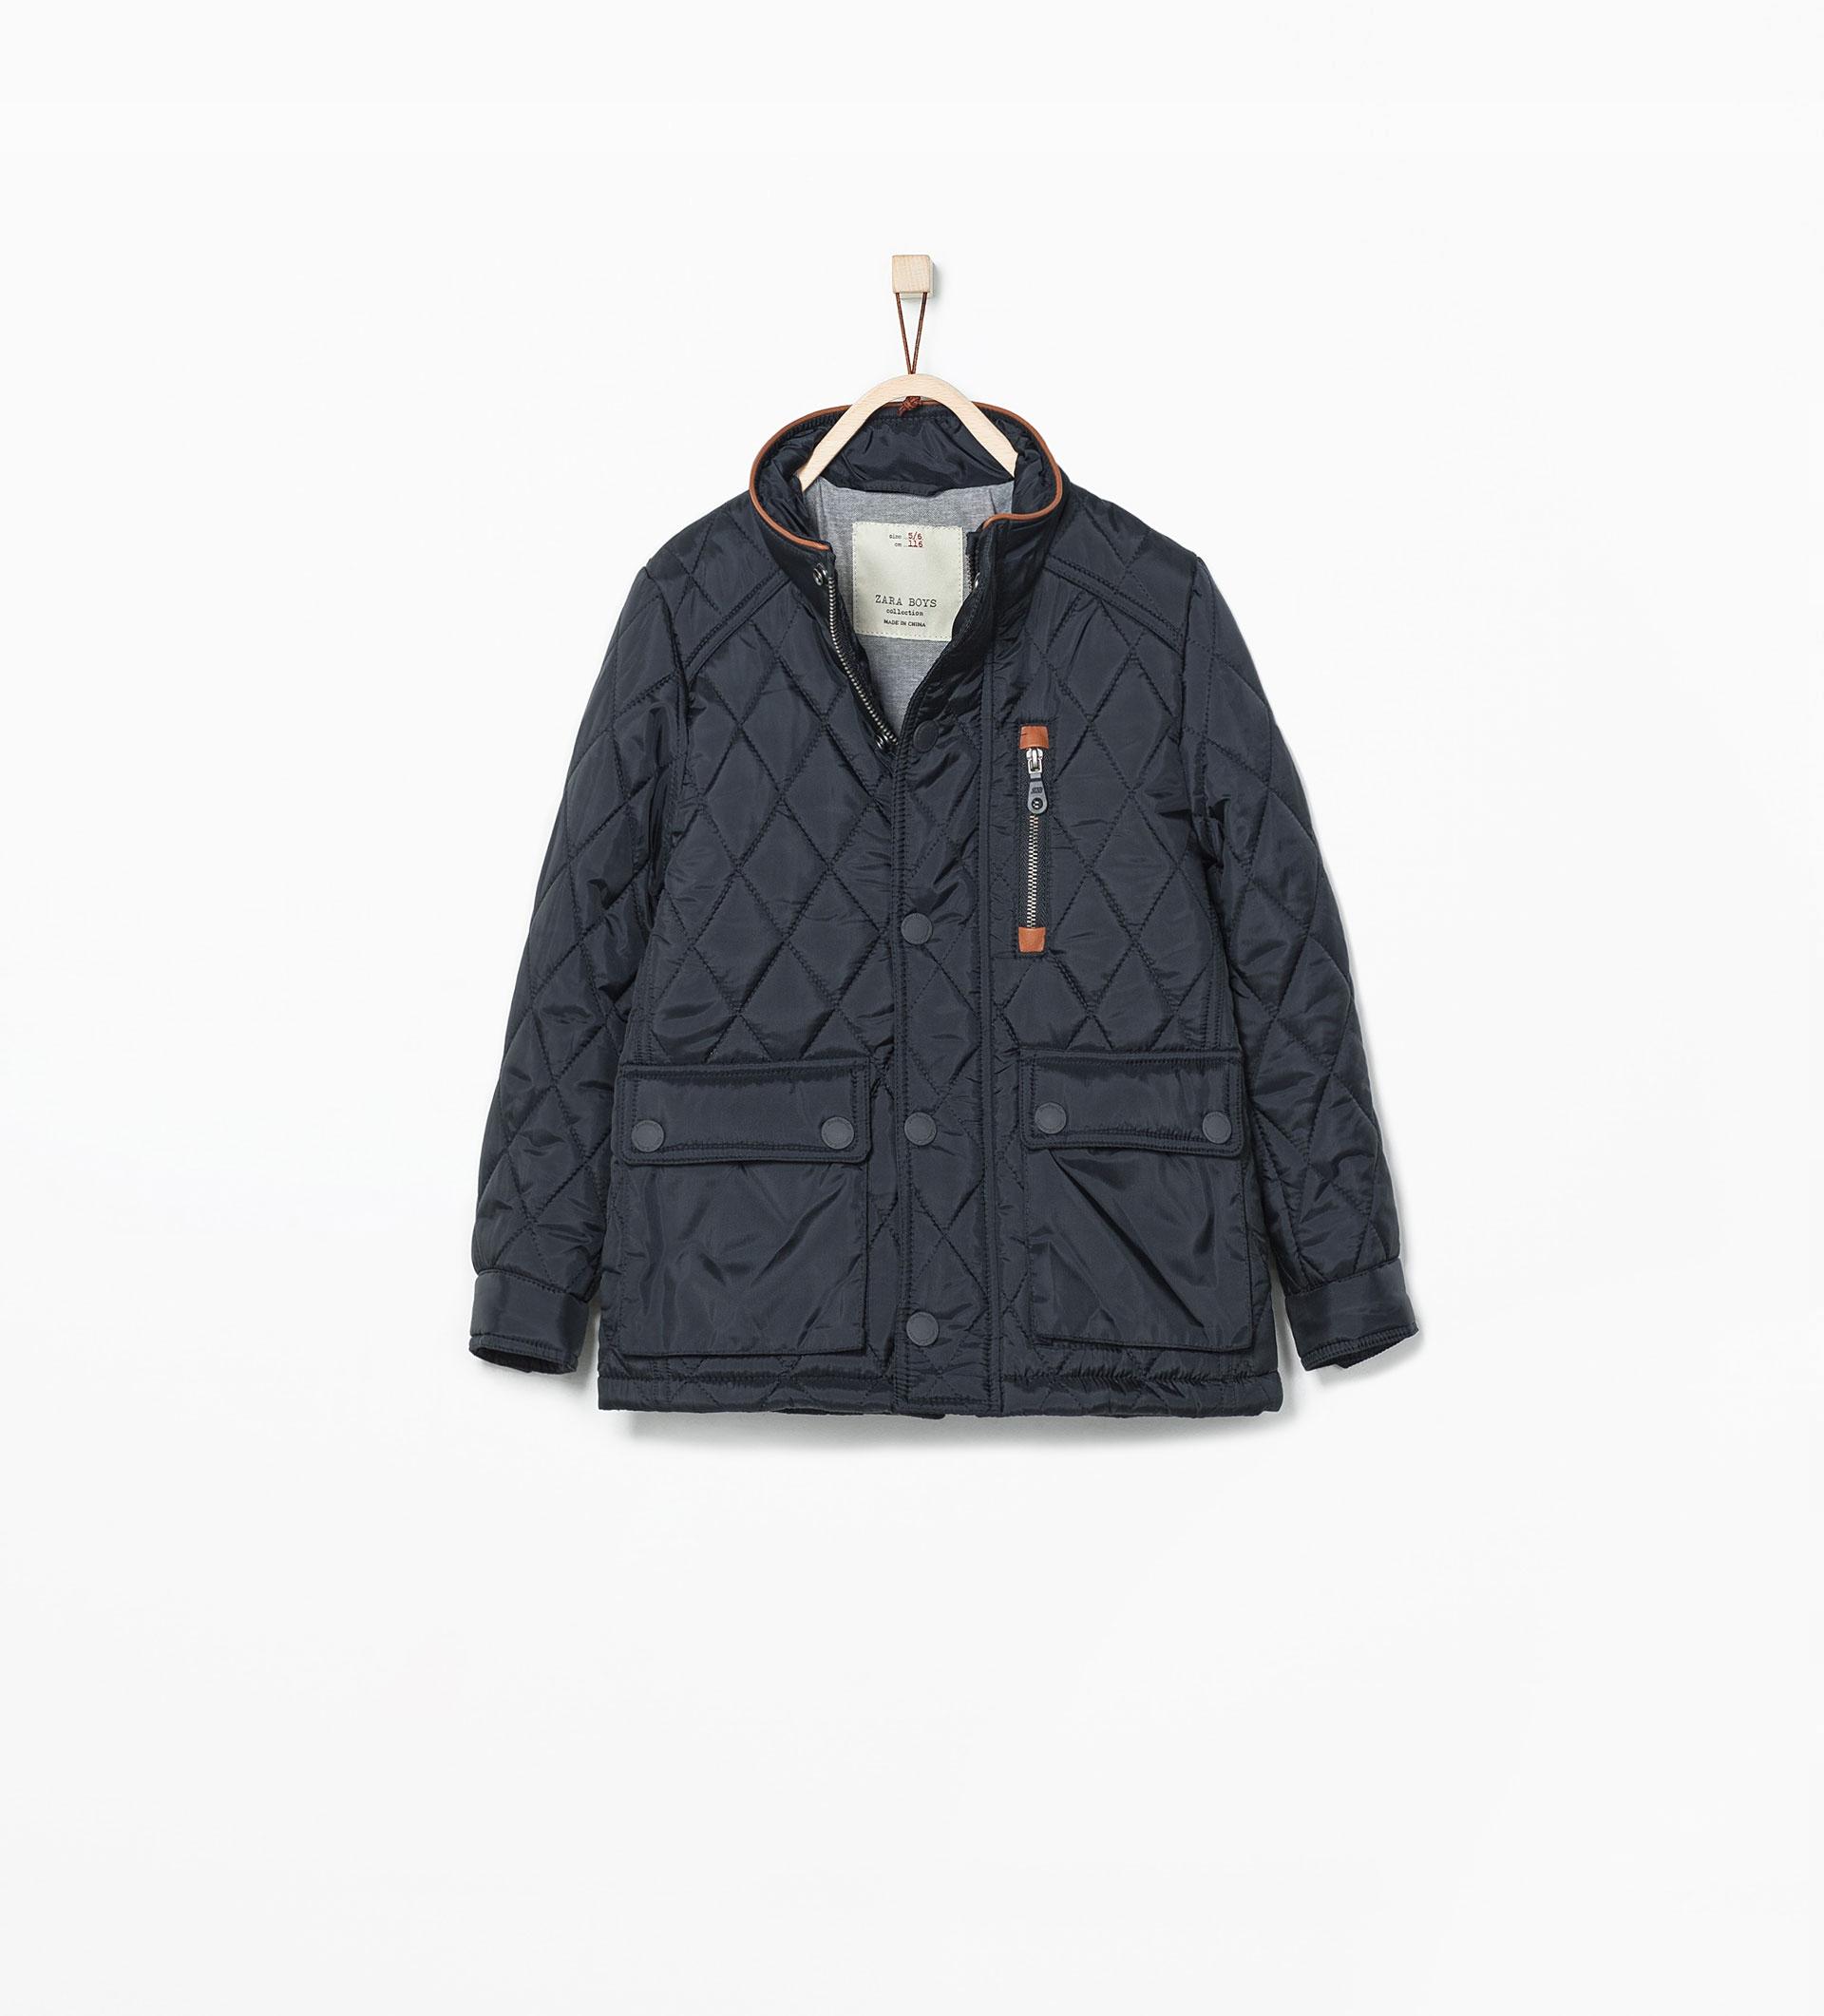 ZARA kurtka pikowana 140cm